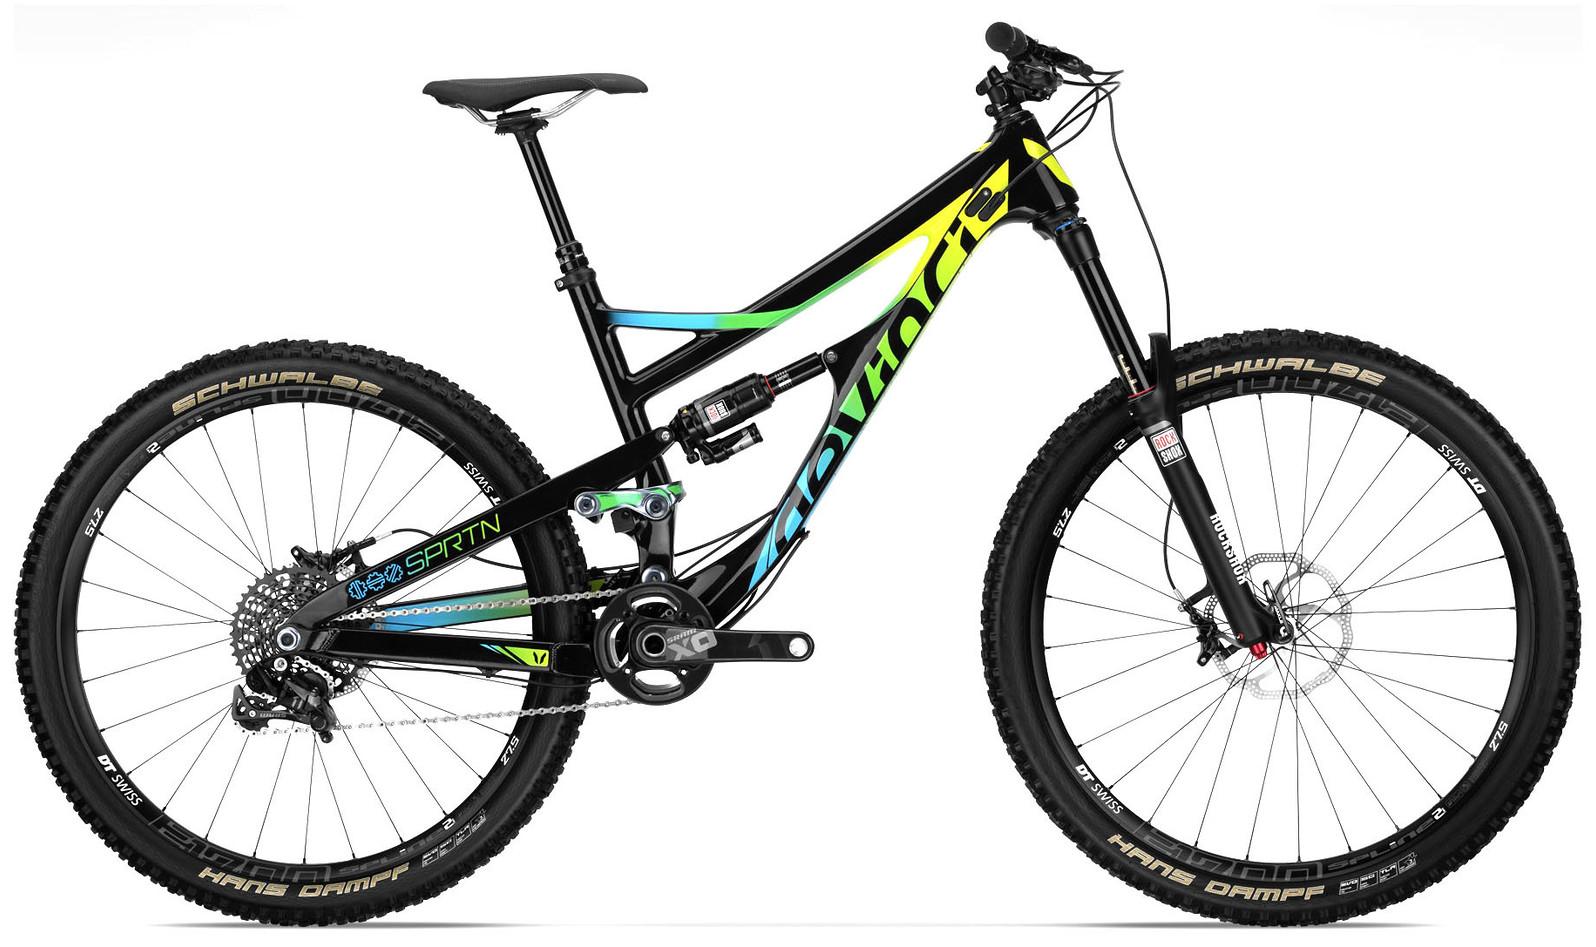 Devinci SPARTAN CARBON RR bike